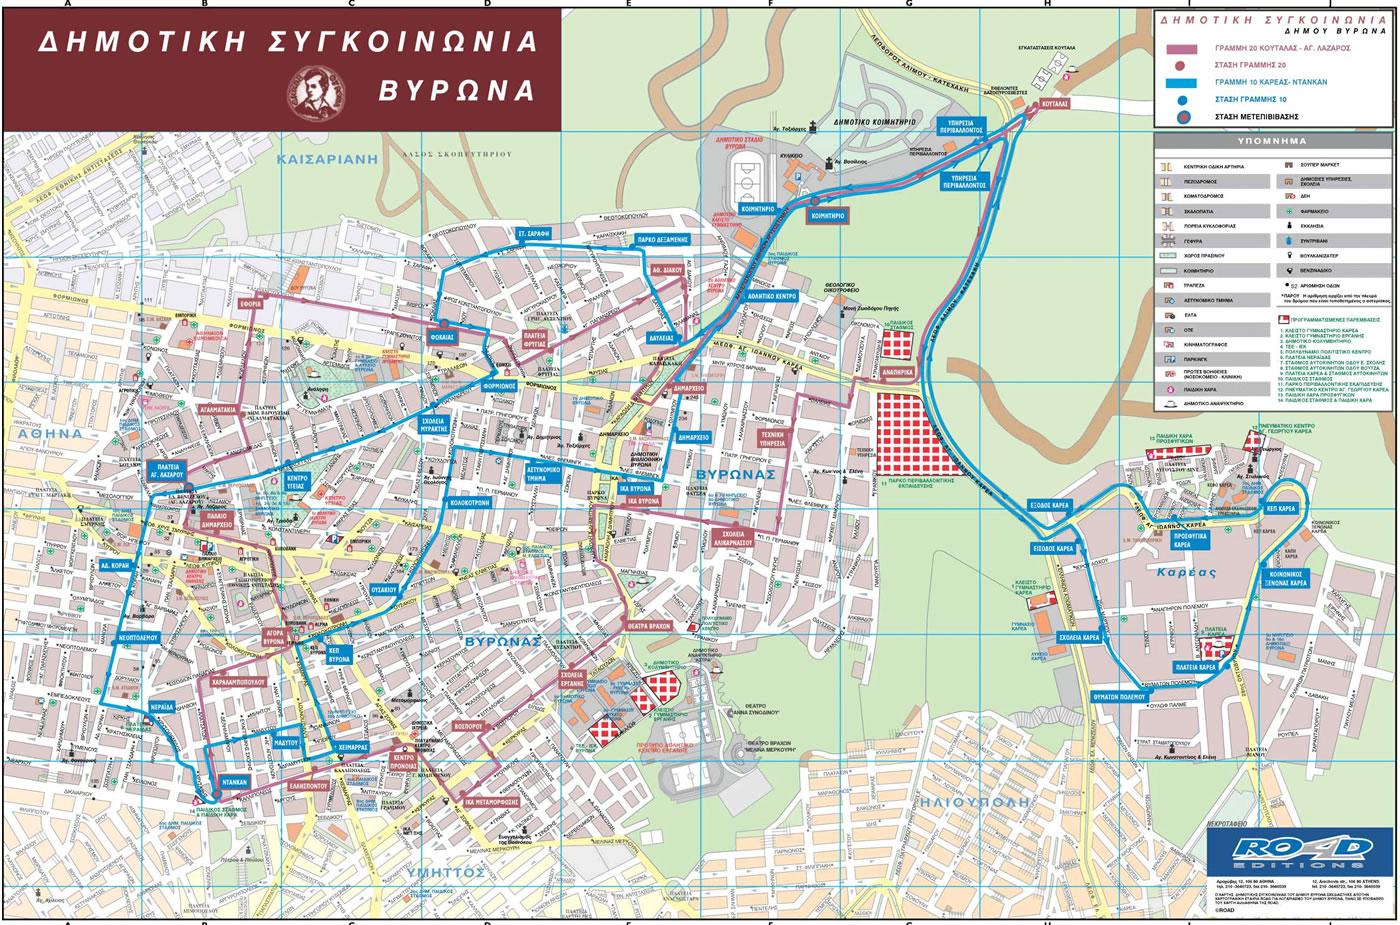 Oi Dhmotikes Sygkoinwnies Ths Attikhs Athens Transport